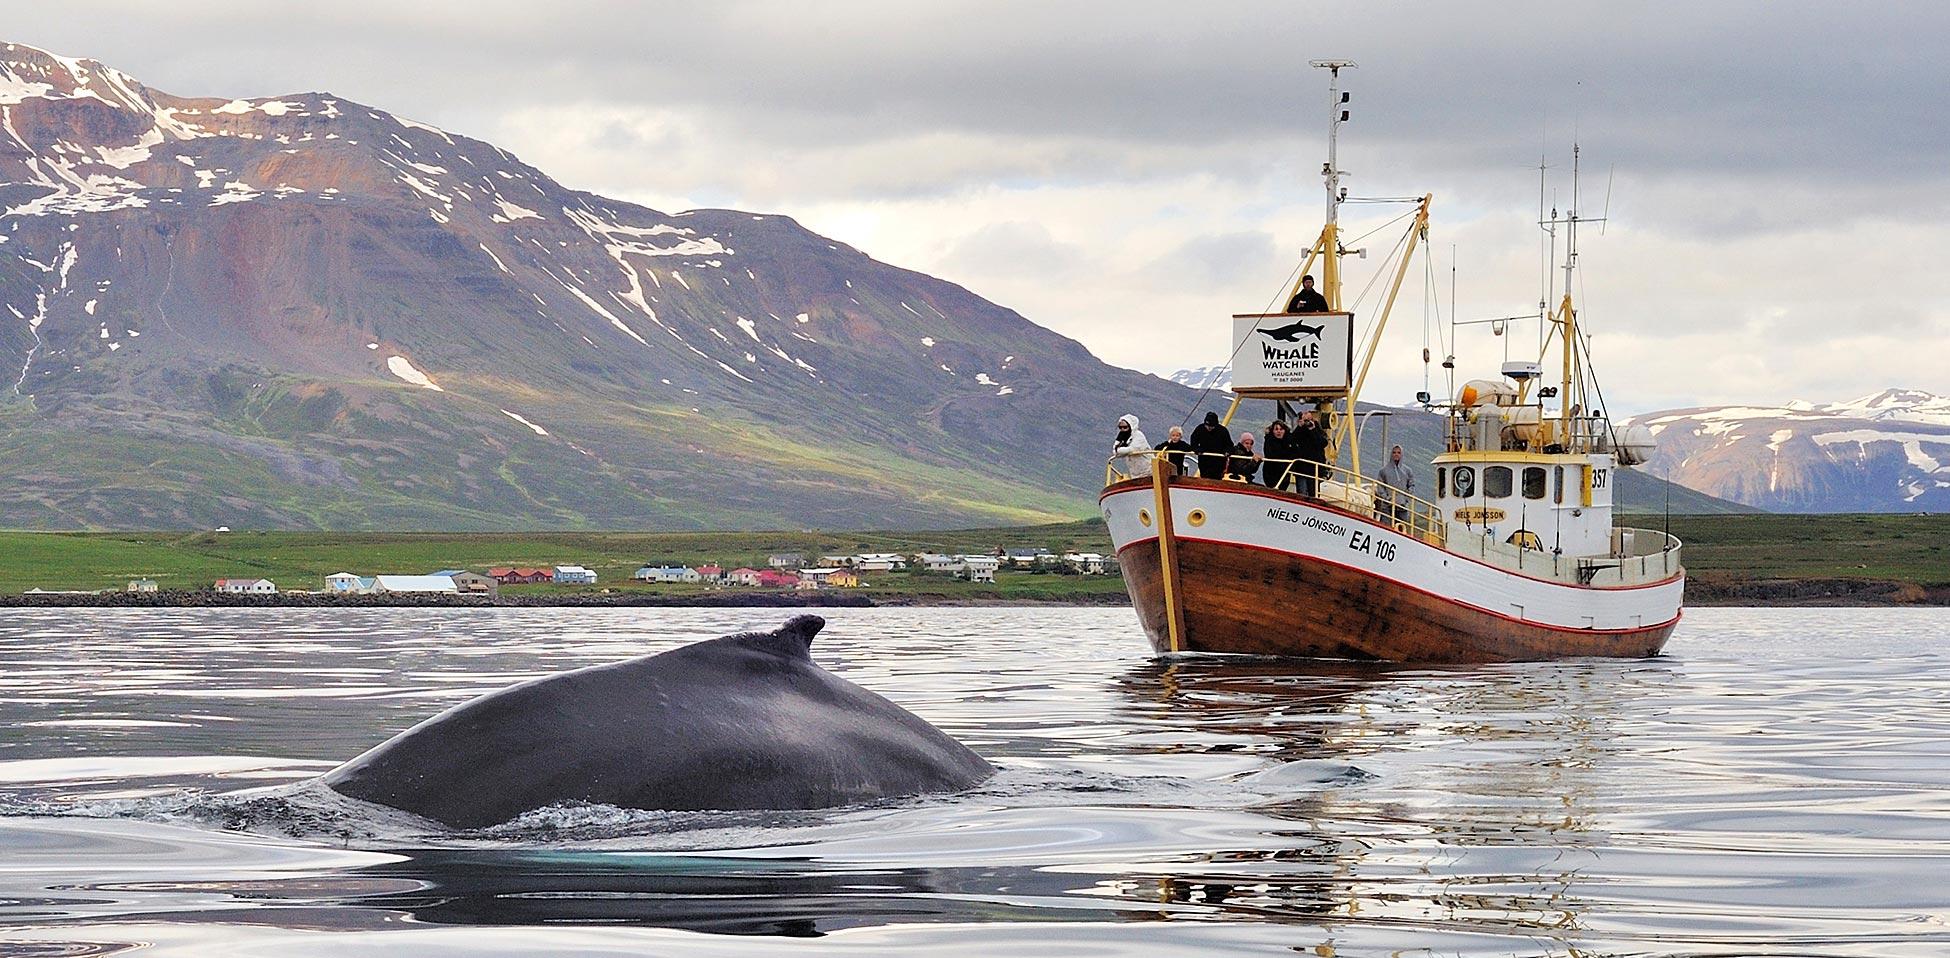 고래관측 및 바닷낚시 투어  북부 아이슬란드 하우가네스